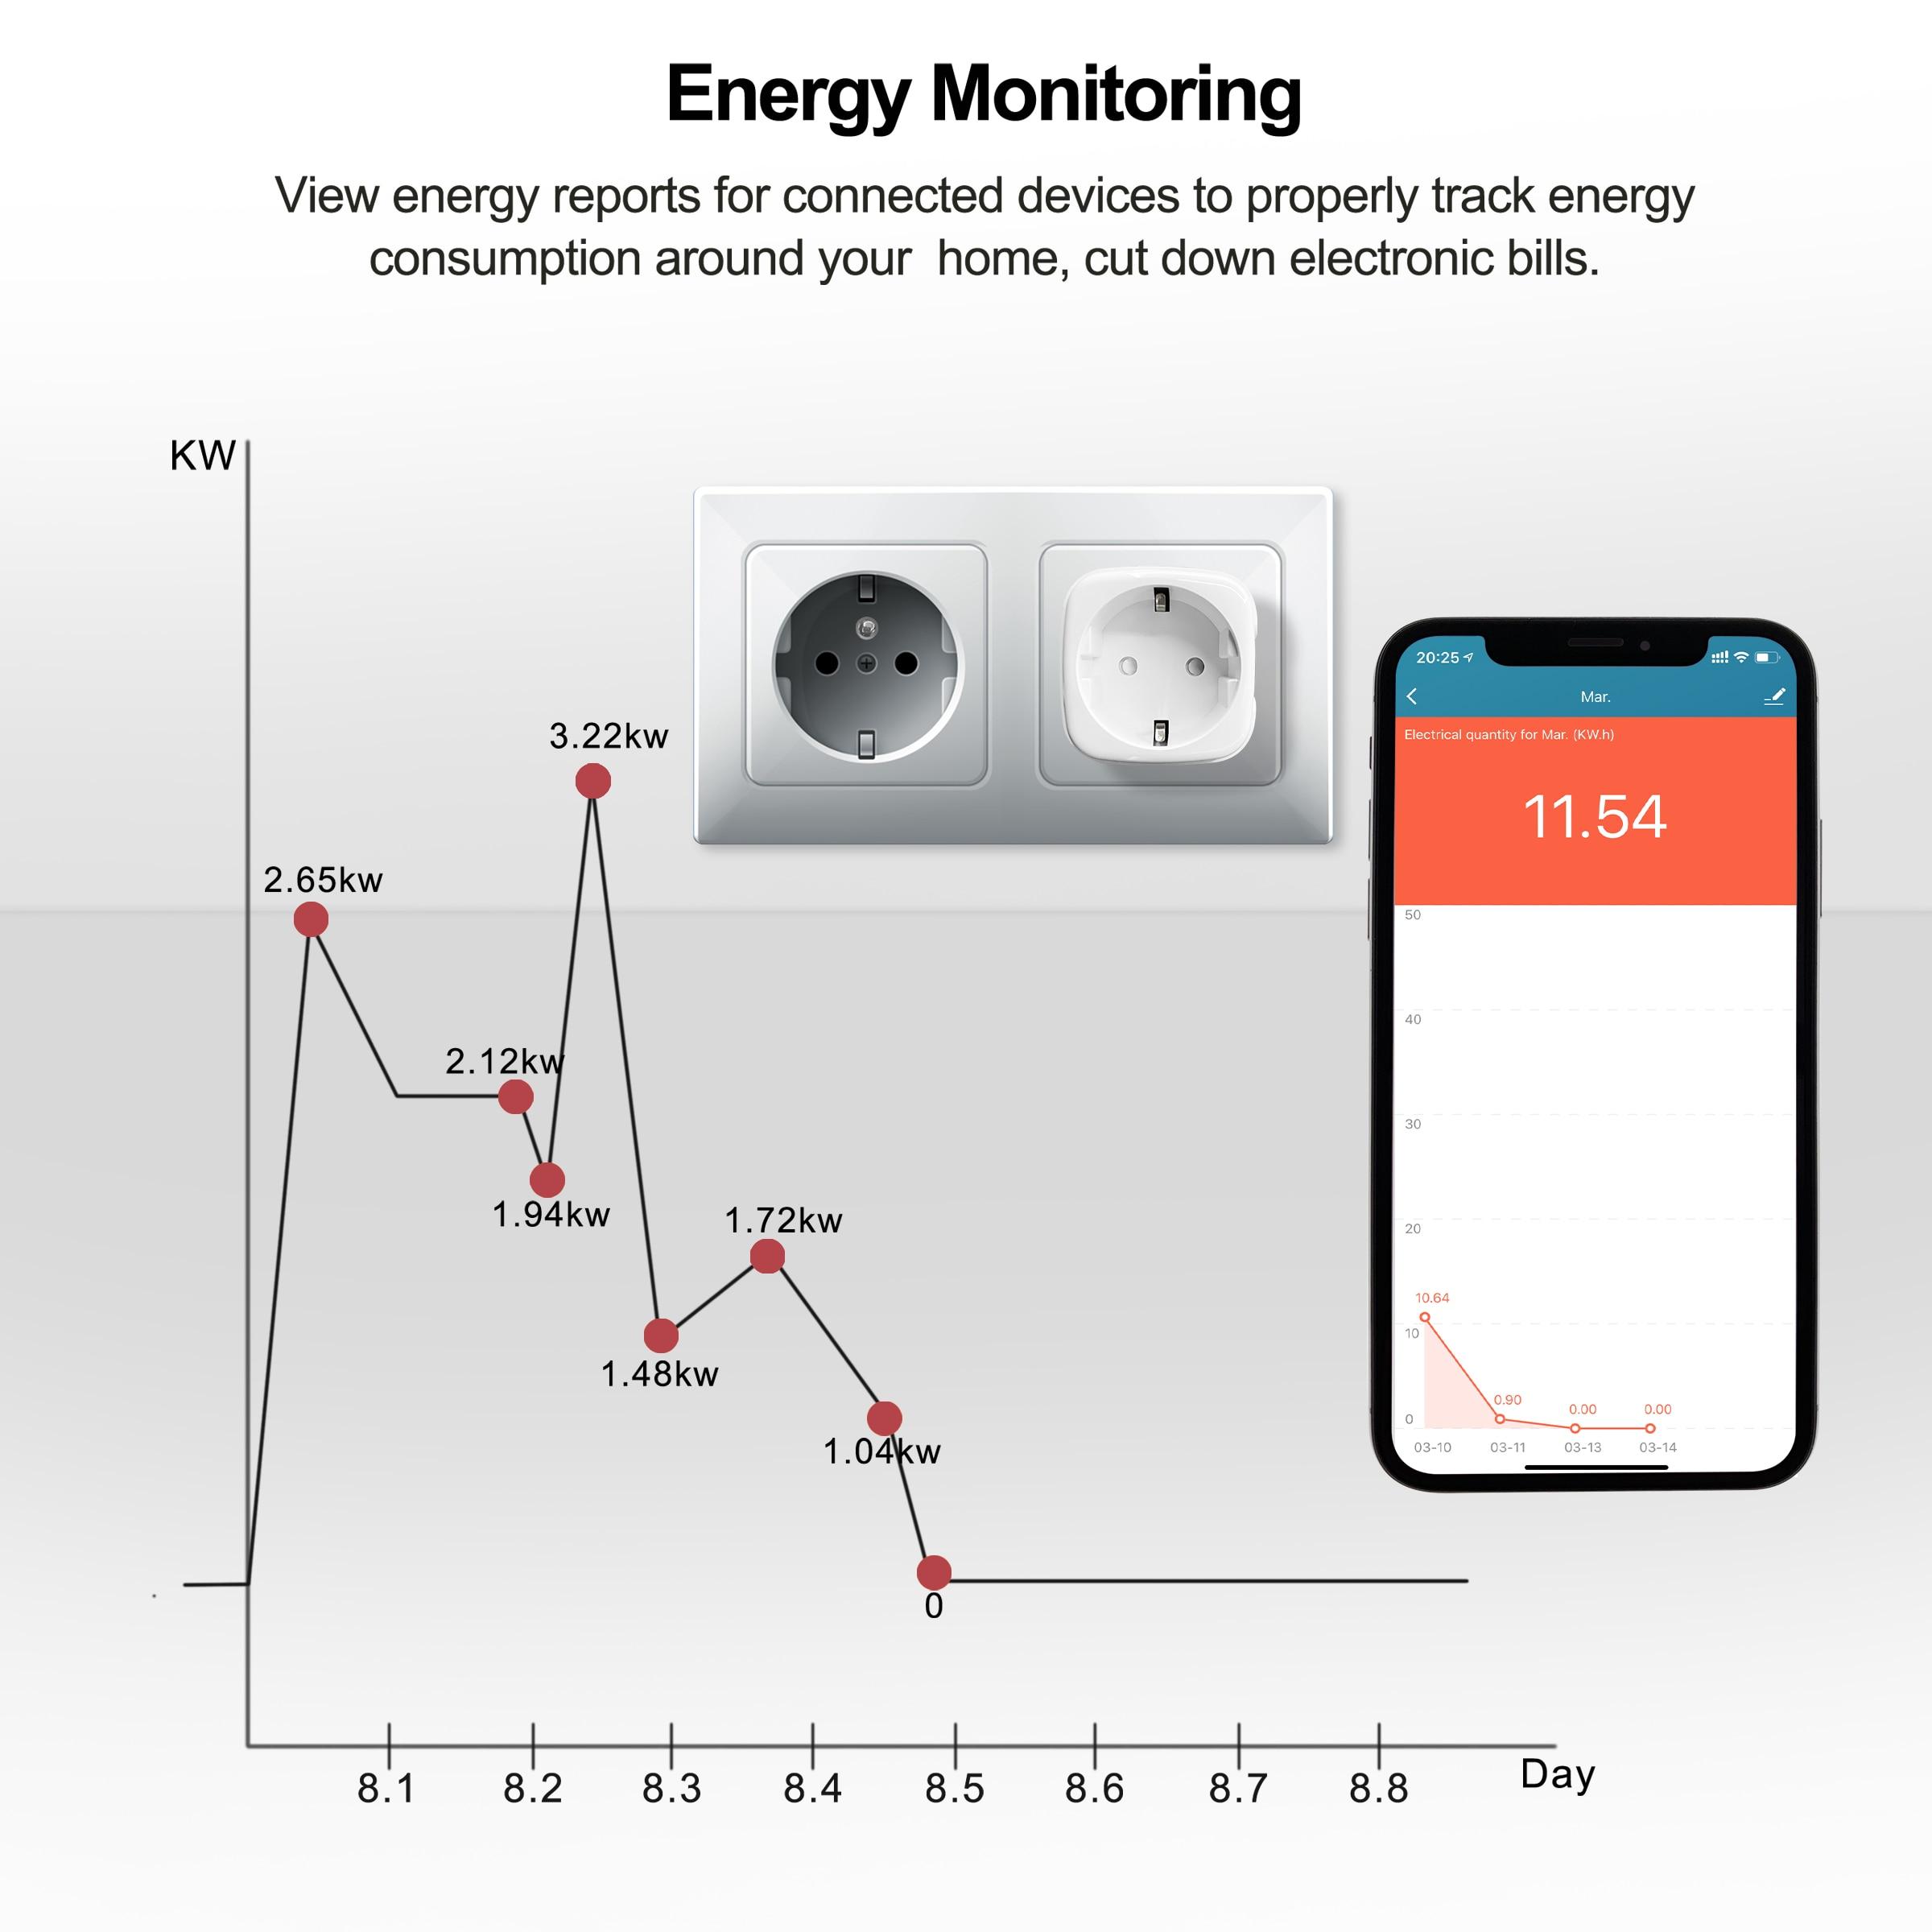 16A الاتحاد الأوروبي الذكية واي فاي قابس الطاقة مع مراقبة الطاقة المنزل الذكي واي فاي مأخذ لاسلكي المخرج يعمل مع اليكسا جوجل المنزل Tuya App